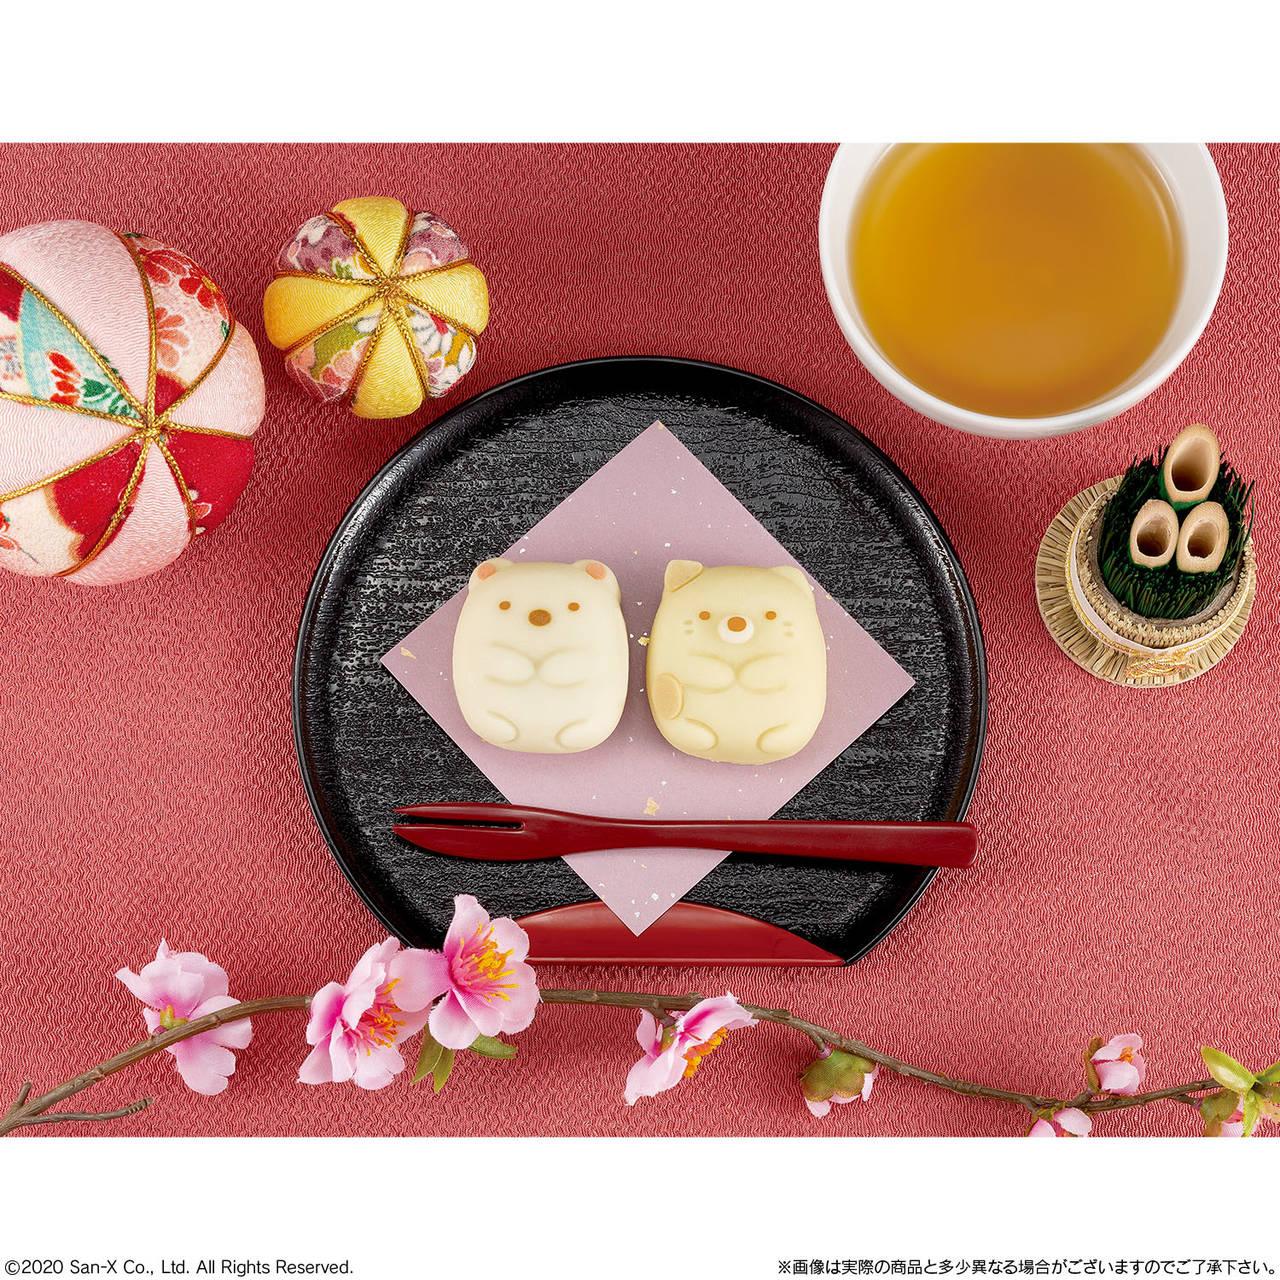 「すみっコぐらし」×和菓子「食べマス」